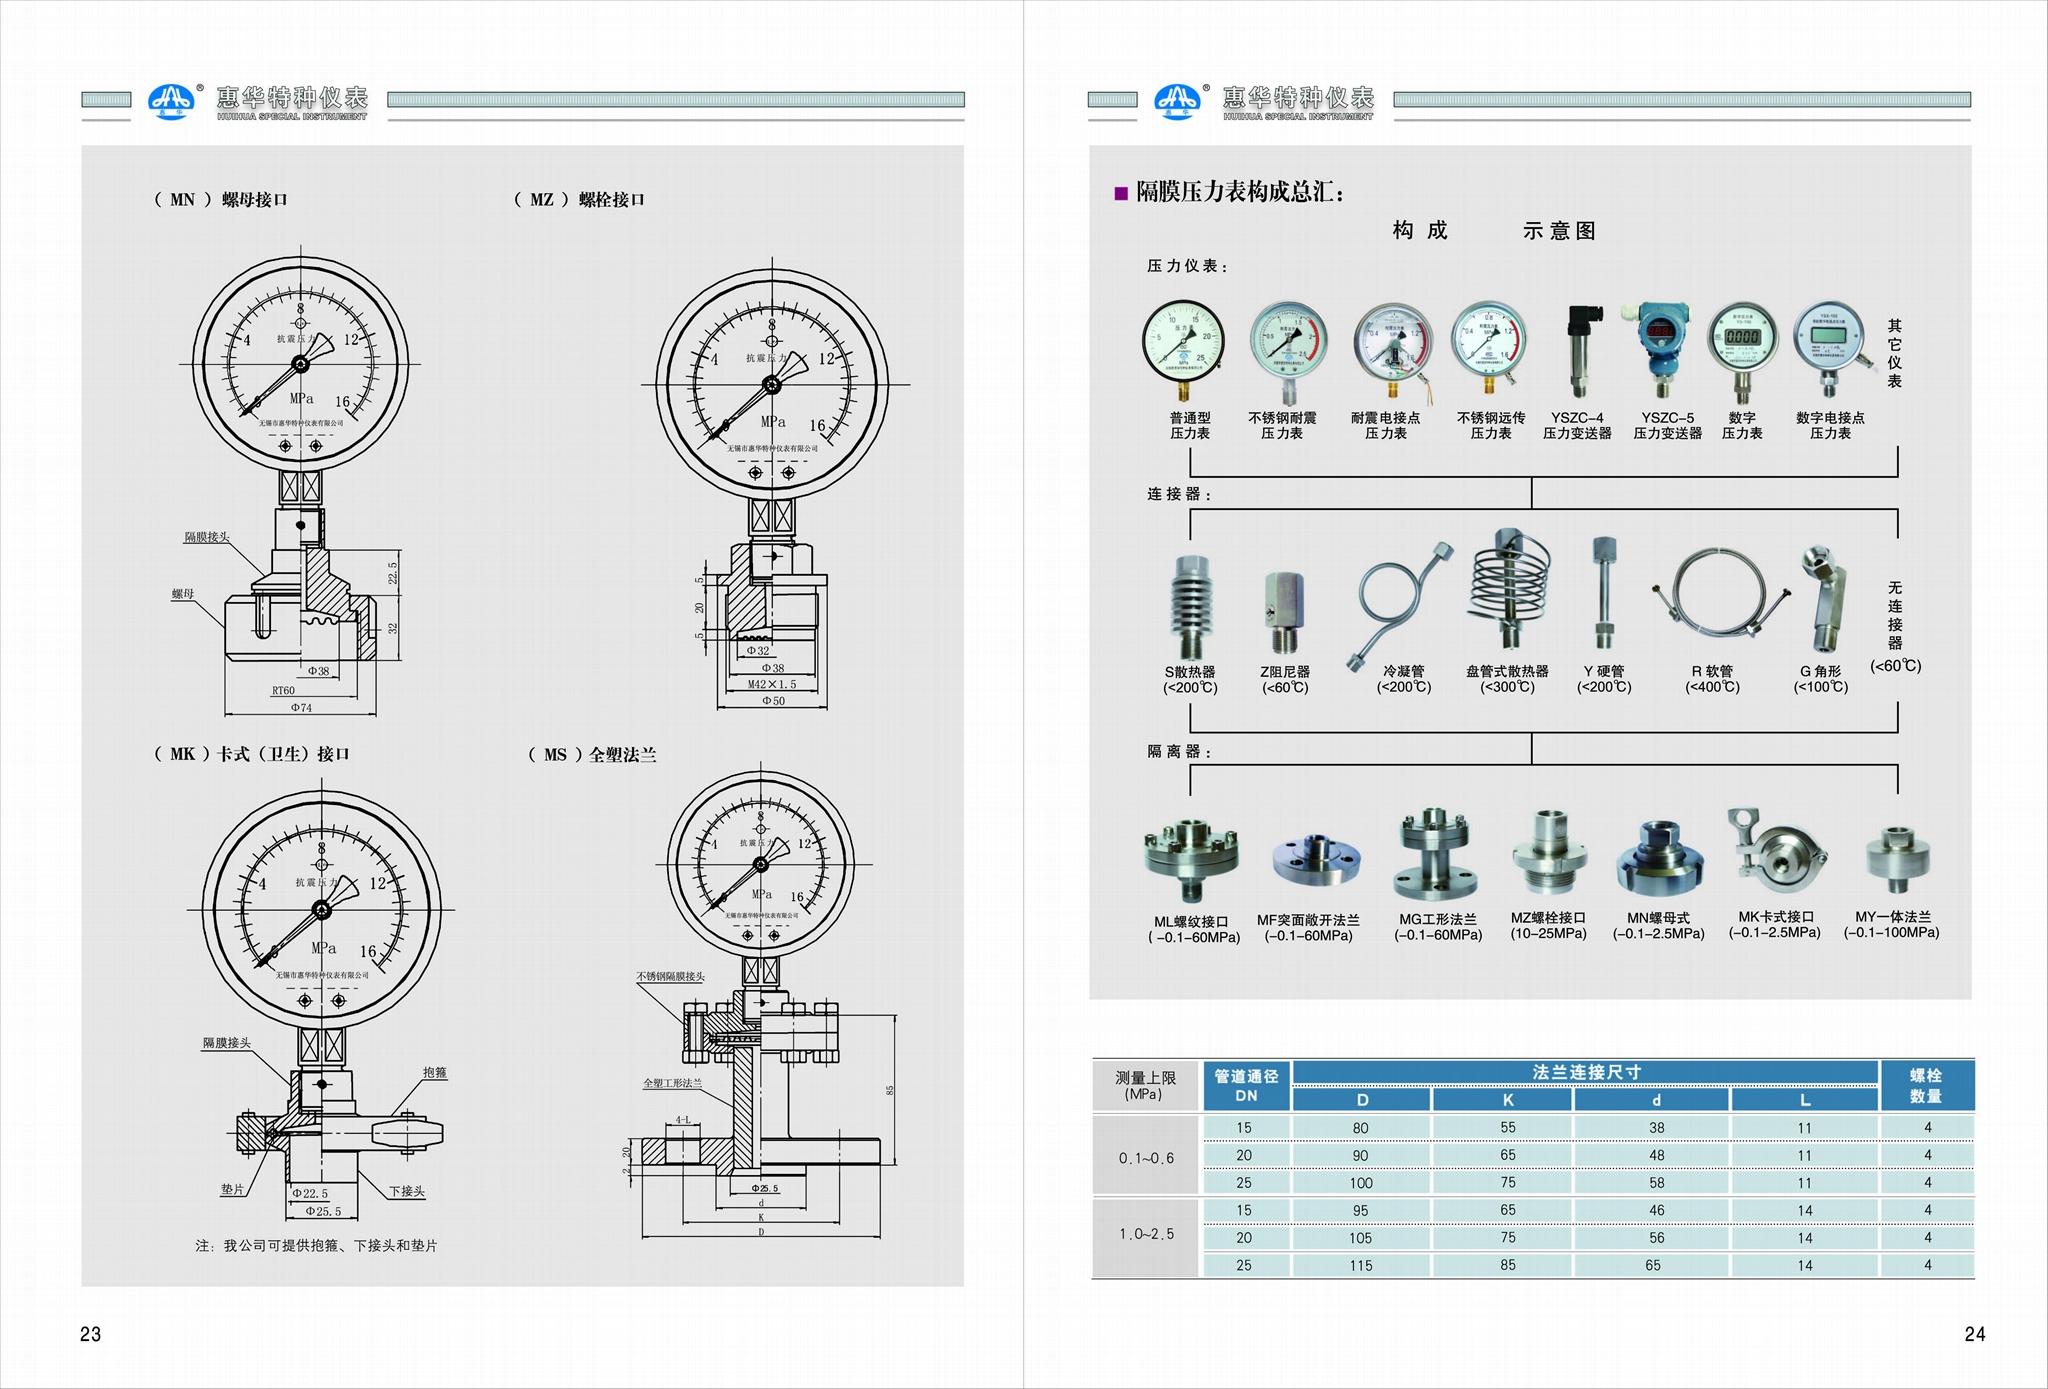 隔膜壓力表 不鏽鋼隔膜壓力表 真空隔膜壓力表 耐震隔膜壓力表 4